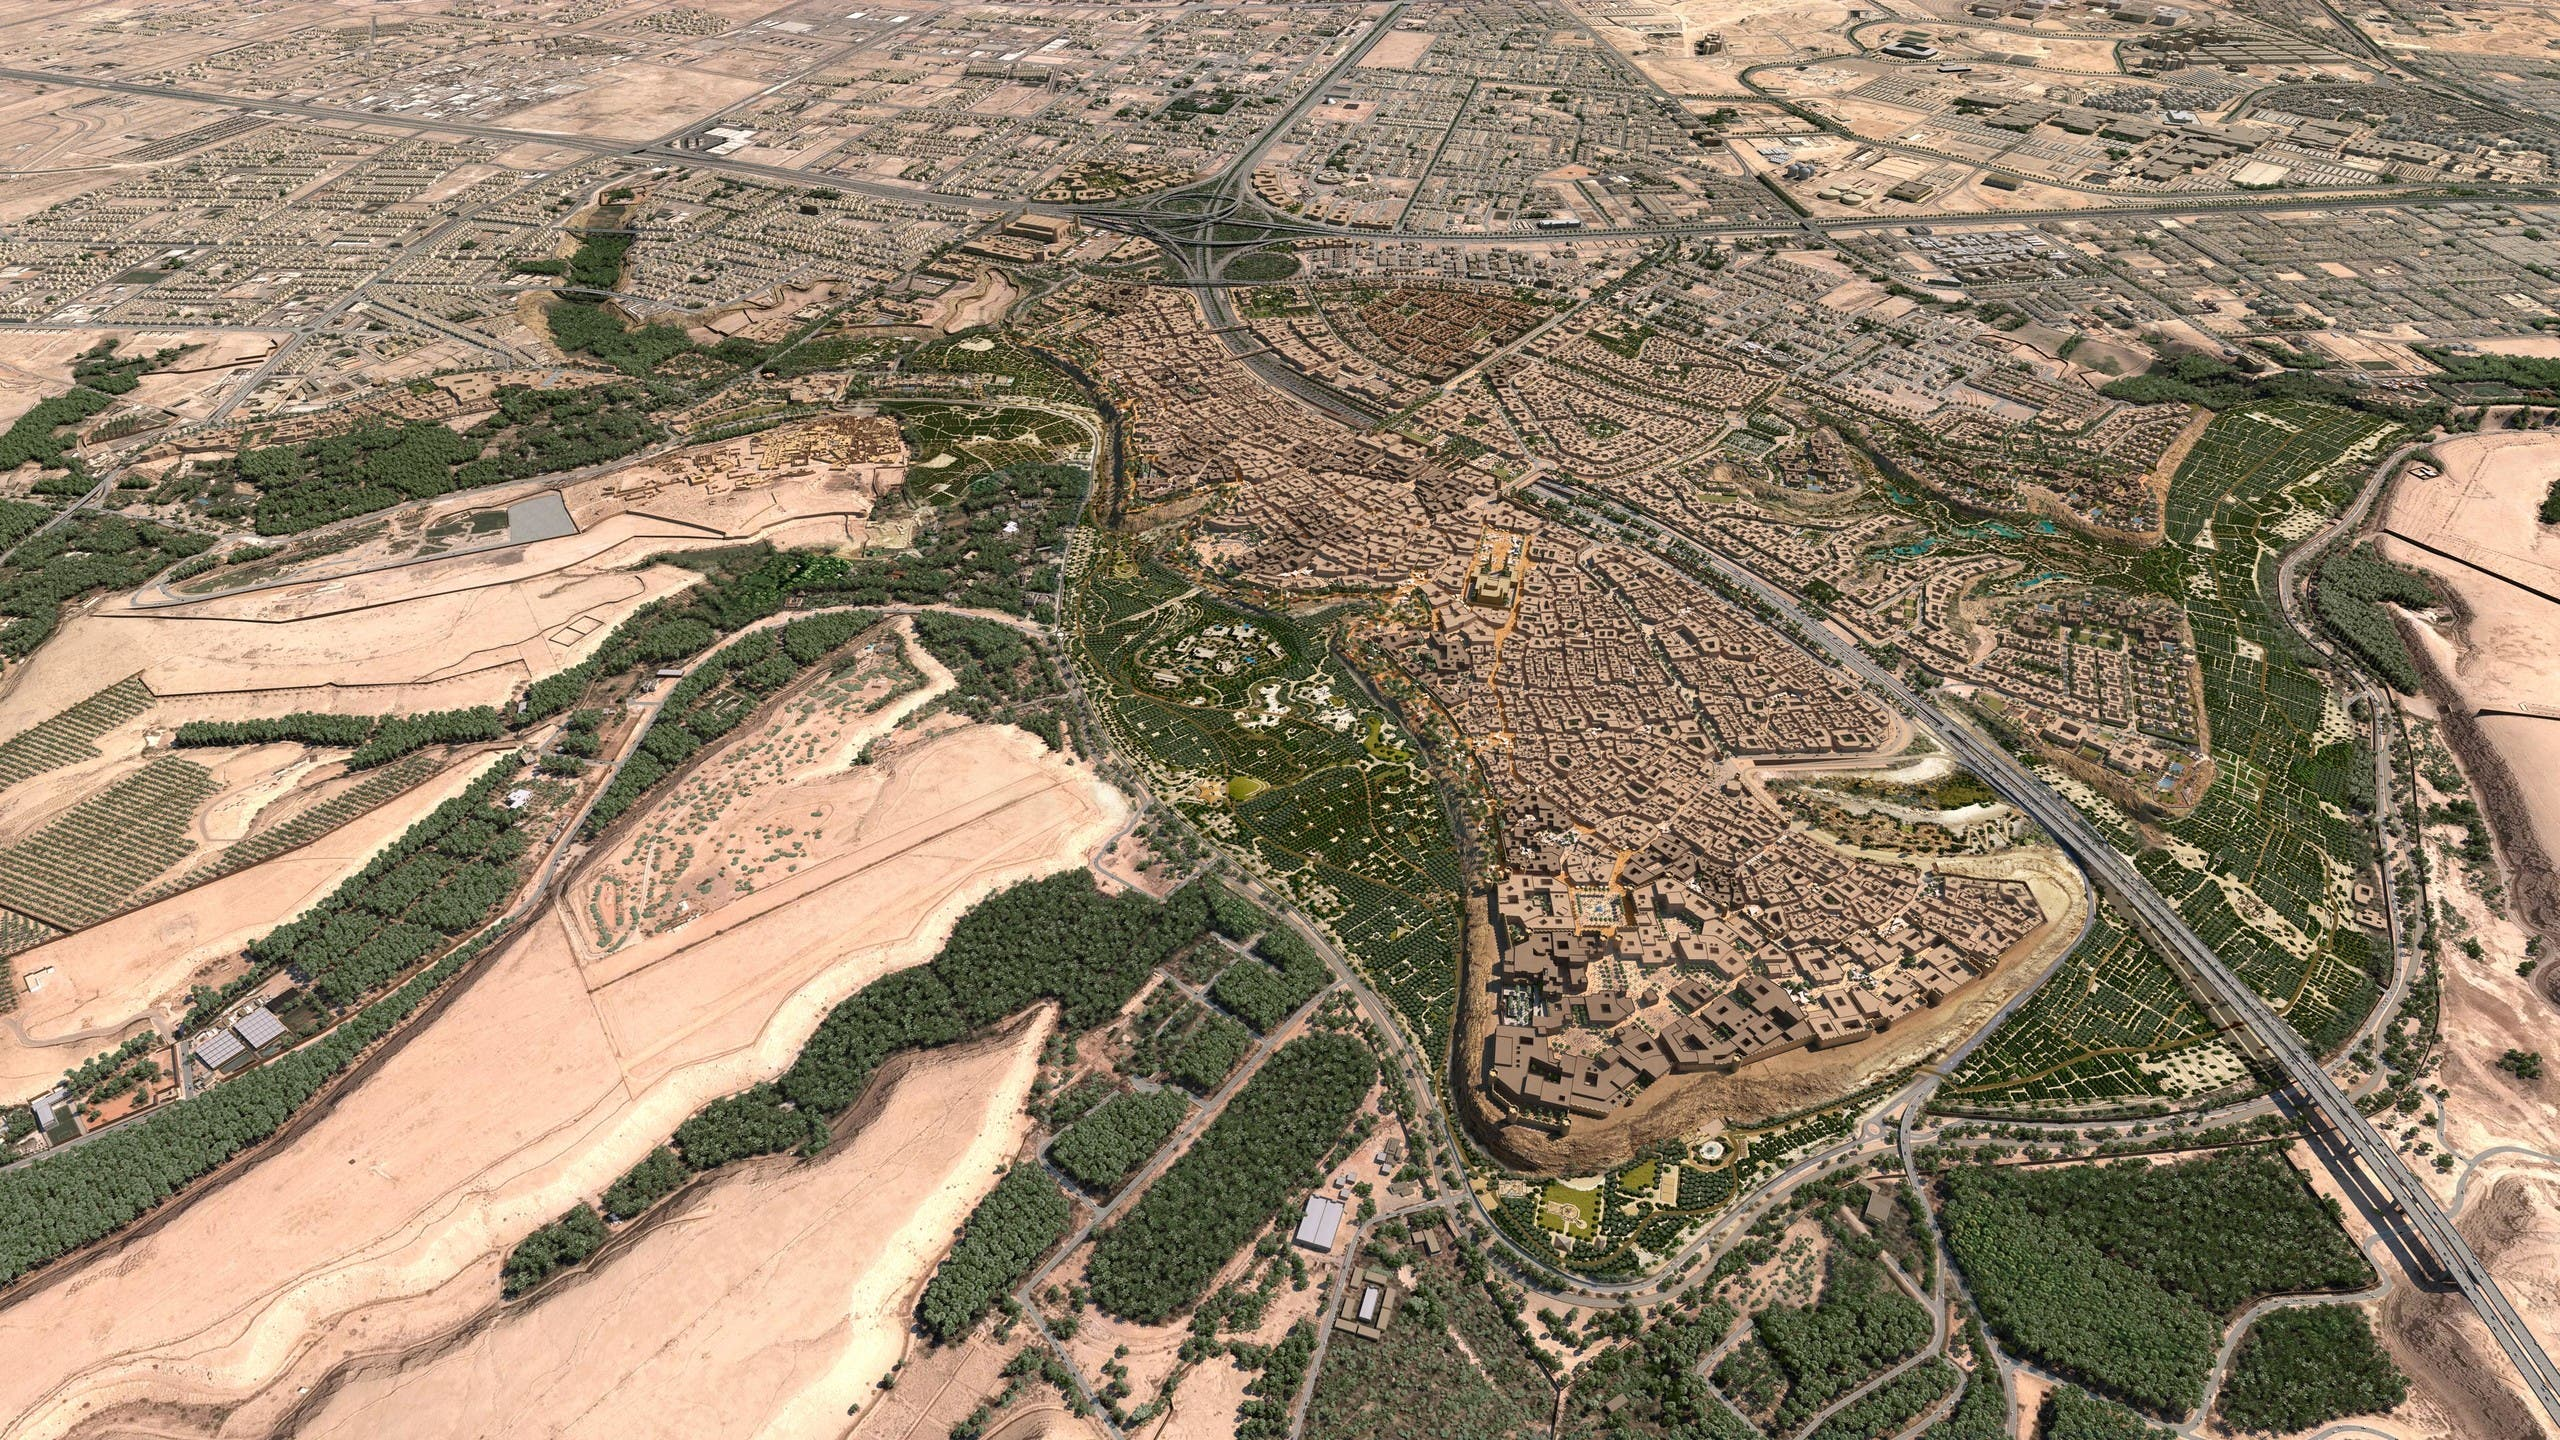 An ariel view of Al-Diriyah Gate. (Supplied)